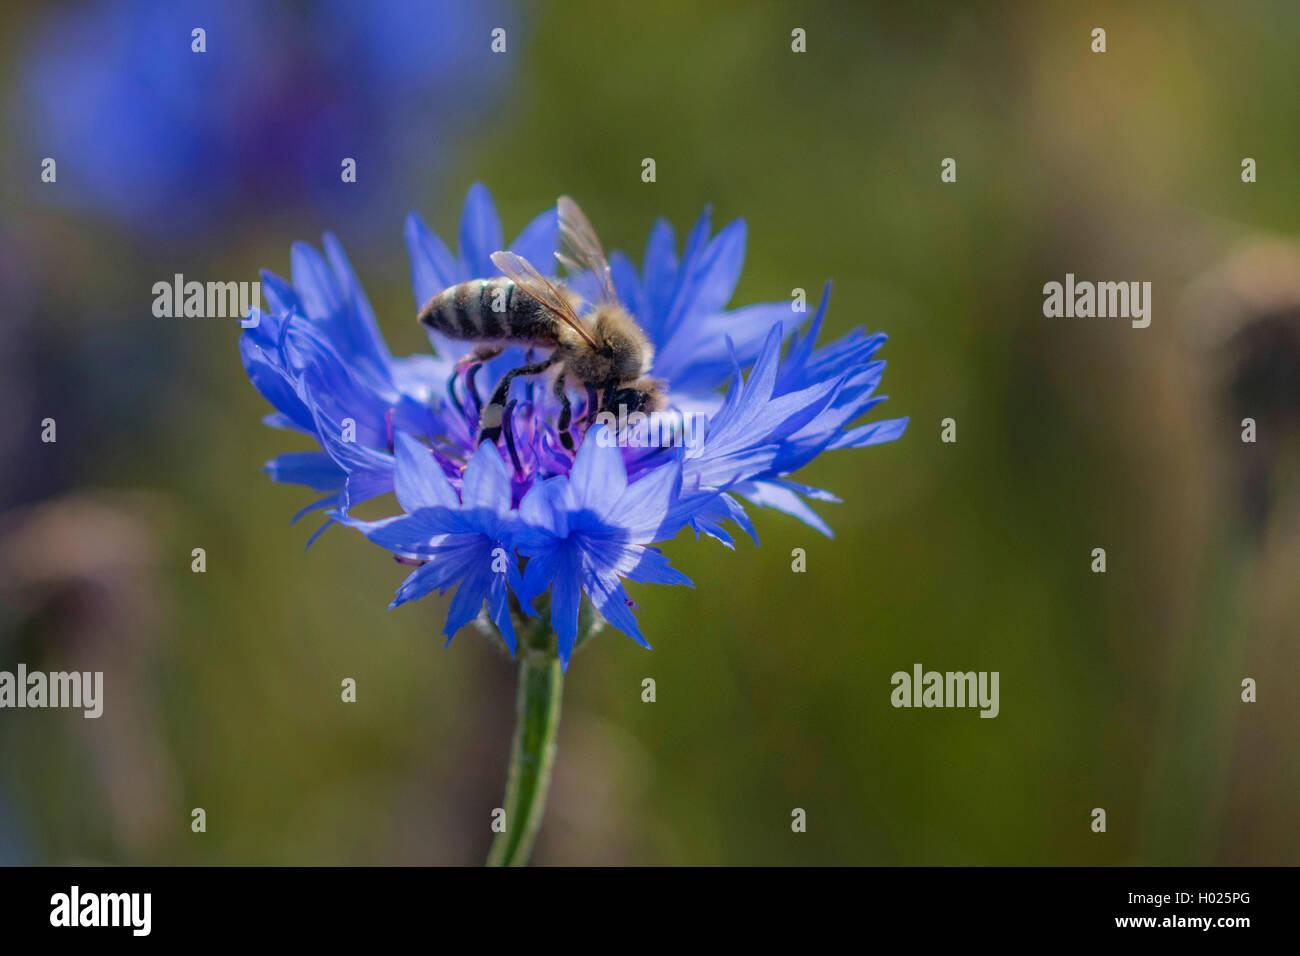 Kornblume (Centaurea cyanus), Bluete mit Honigbiene, Deutschland, Bayern   bachelor's button, bluebottle, cornflower - Stock Image